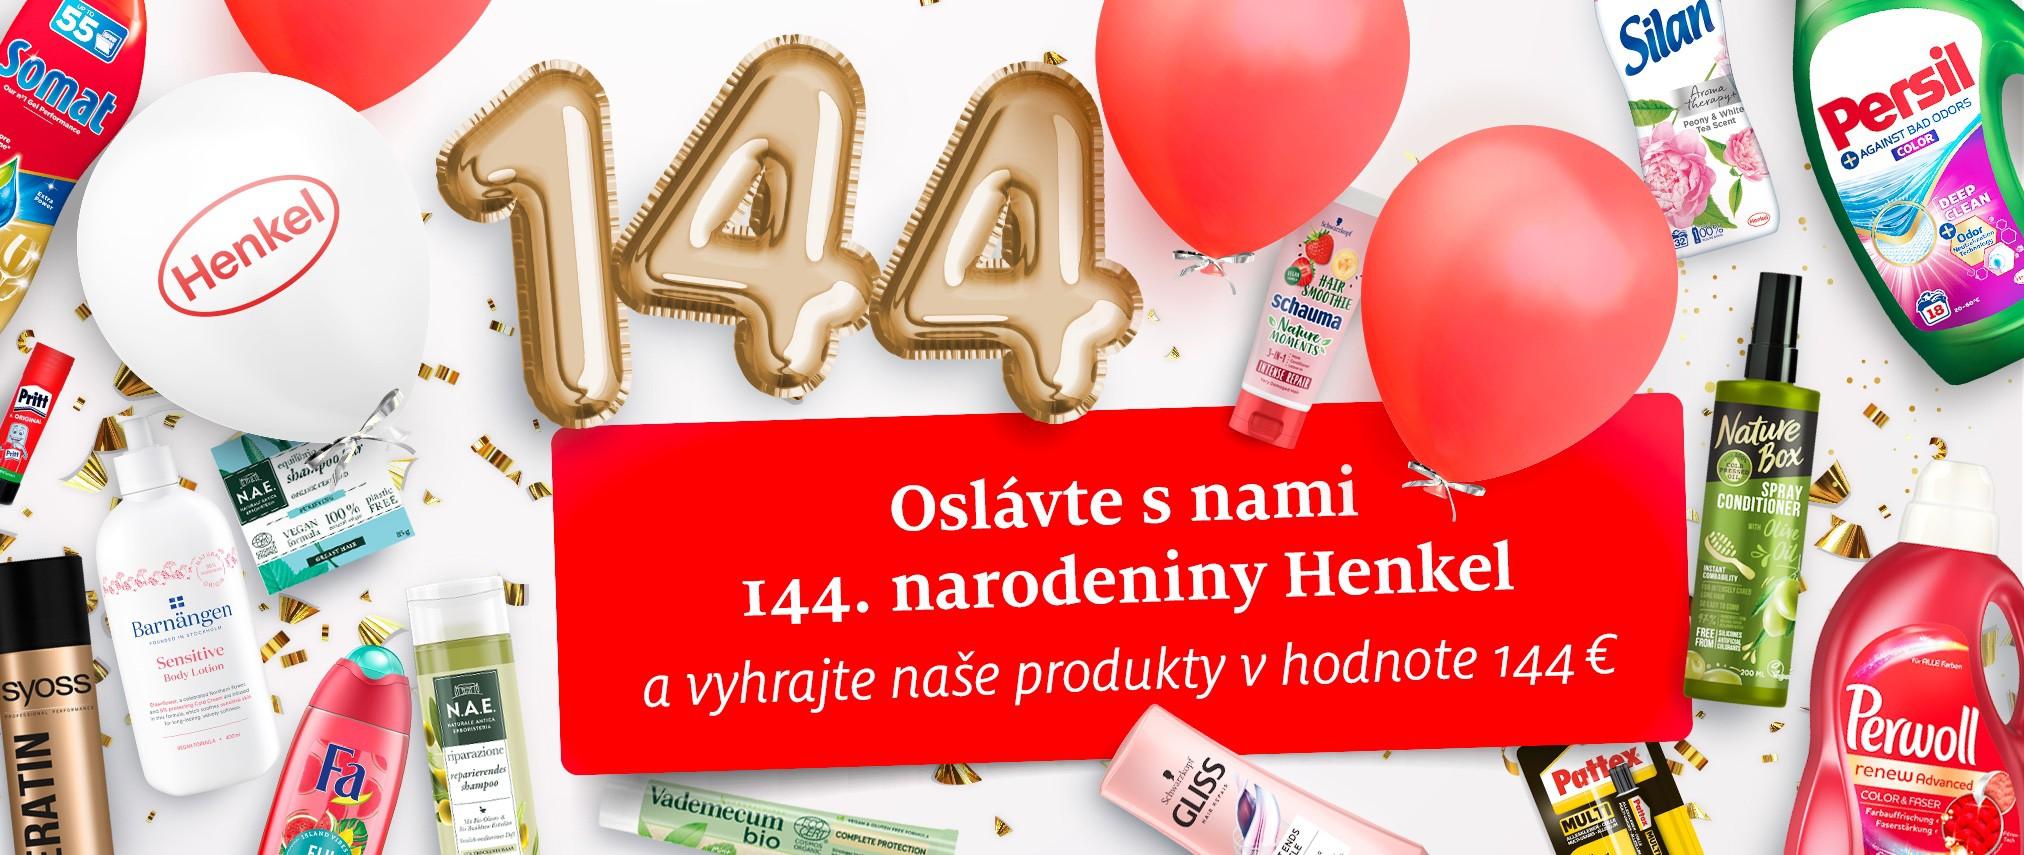 henkel 144 narodeniny